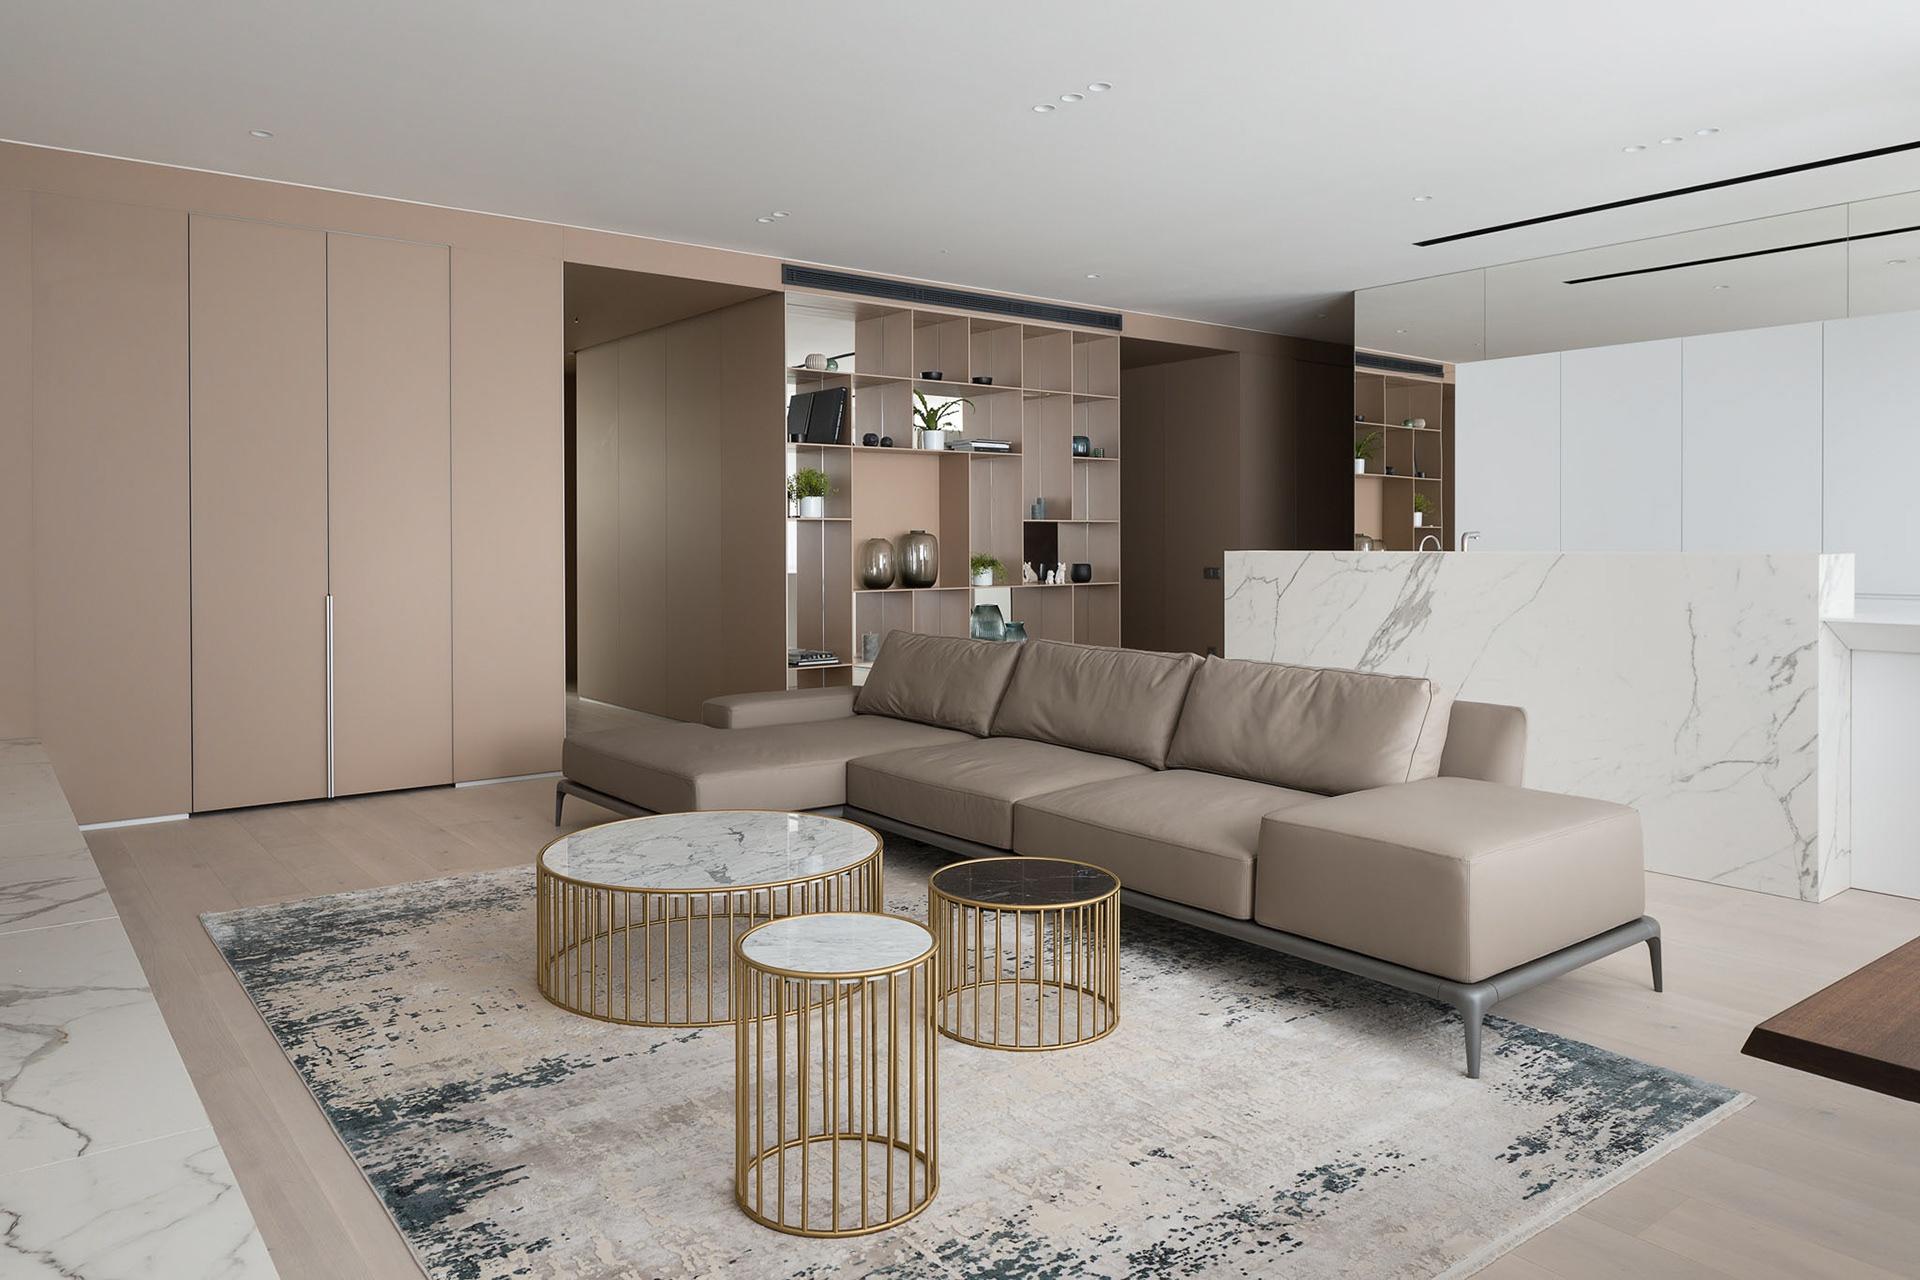 成都150平现代四居室,色彩搭配清爽明快,客厅大气而简练